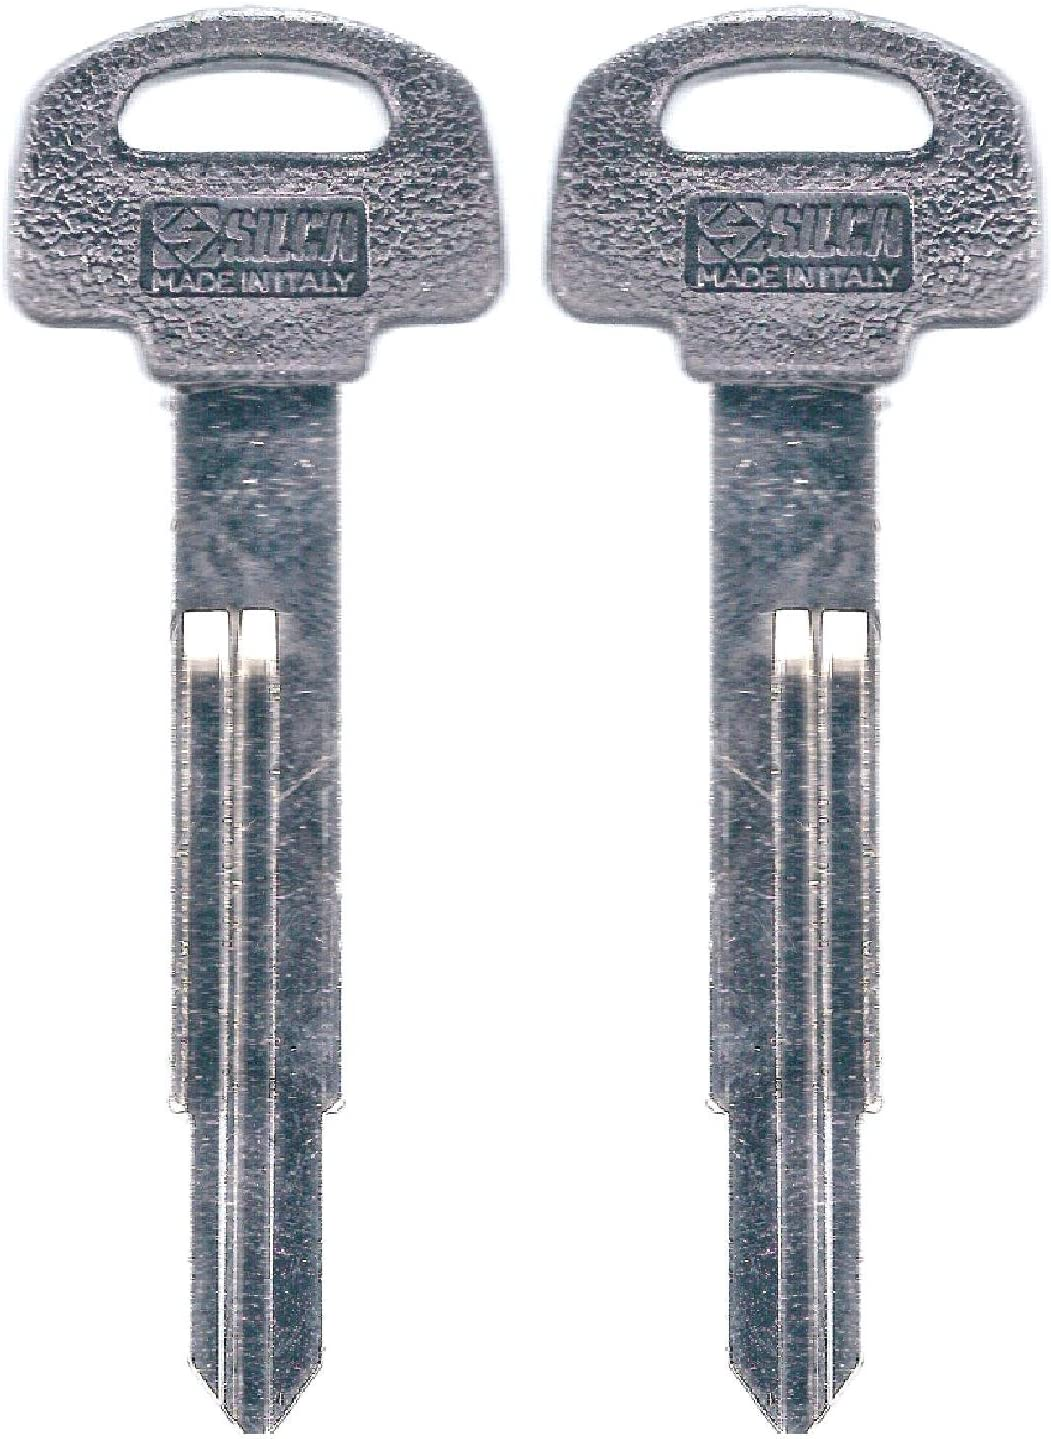 Artudatech Ignition Switch LockSet for Hon-da NPS50 Ruckus 2003-2005 35014-GEZ-Y21